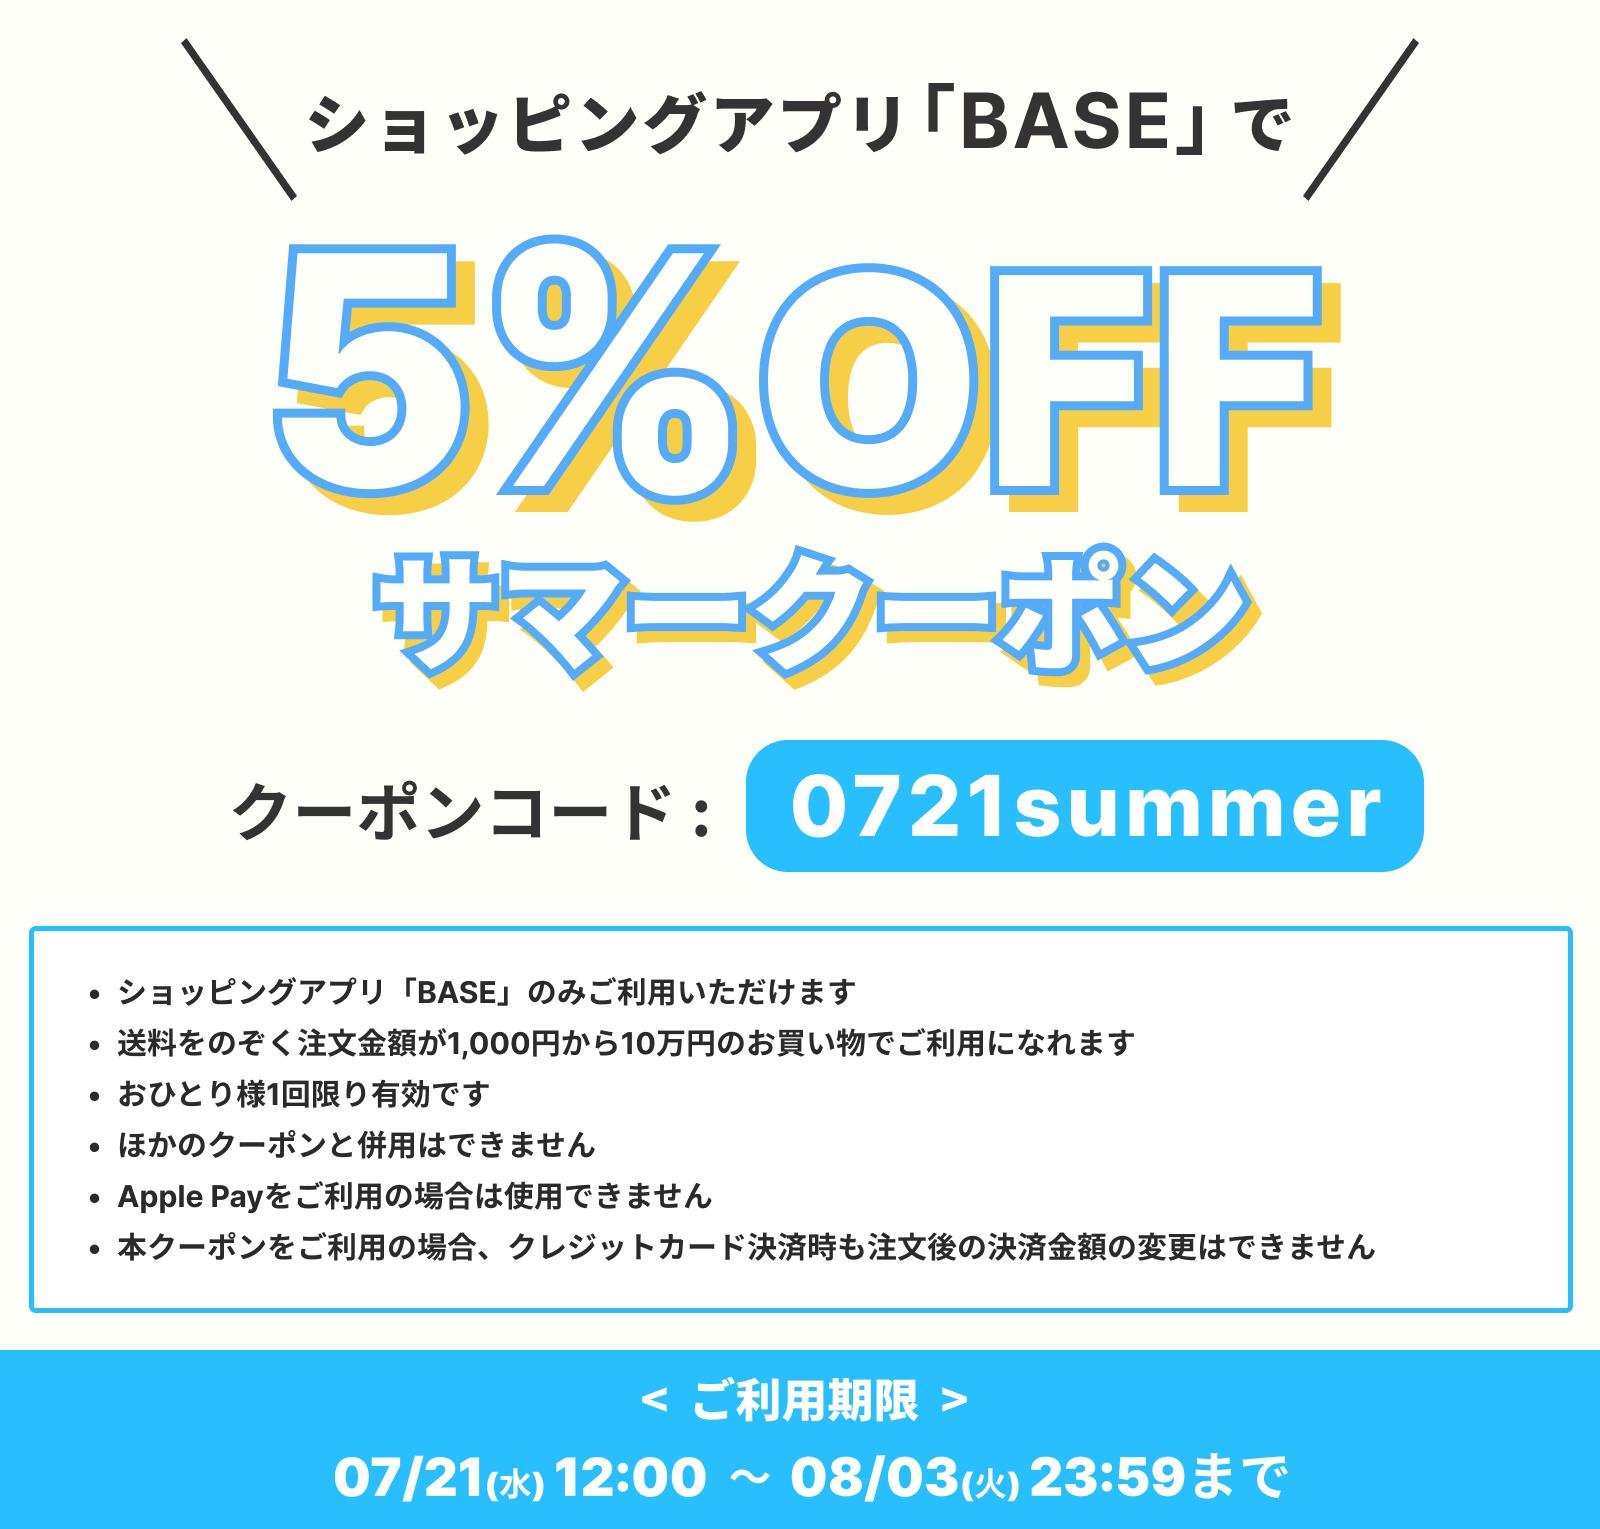 ショッピングアプリ「BASE」で「0721summer」を入力すると5%OFFとなります!